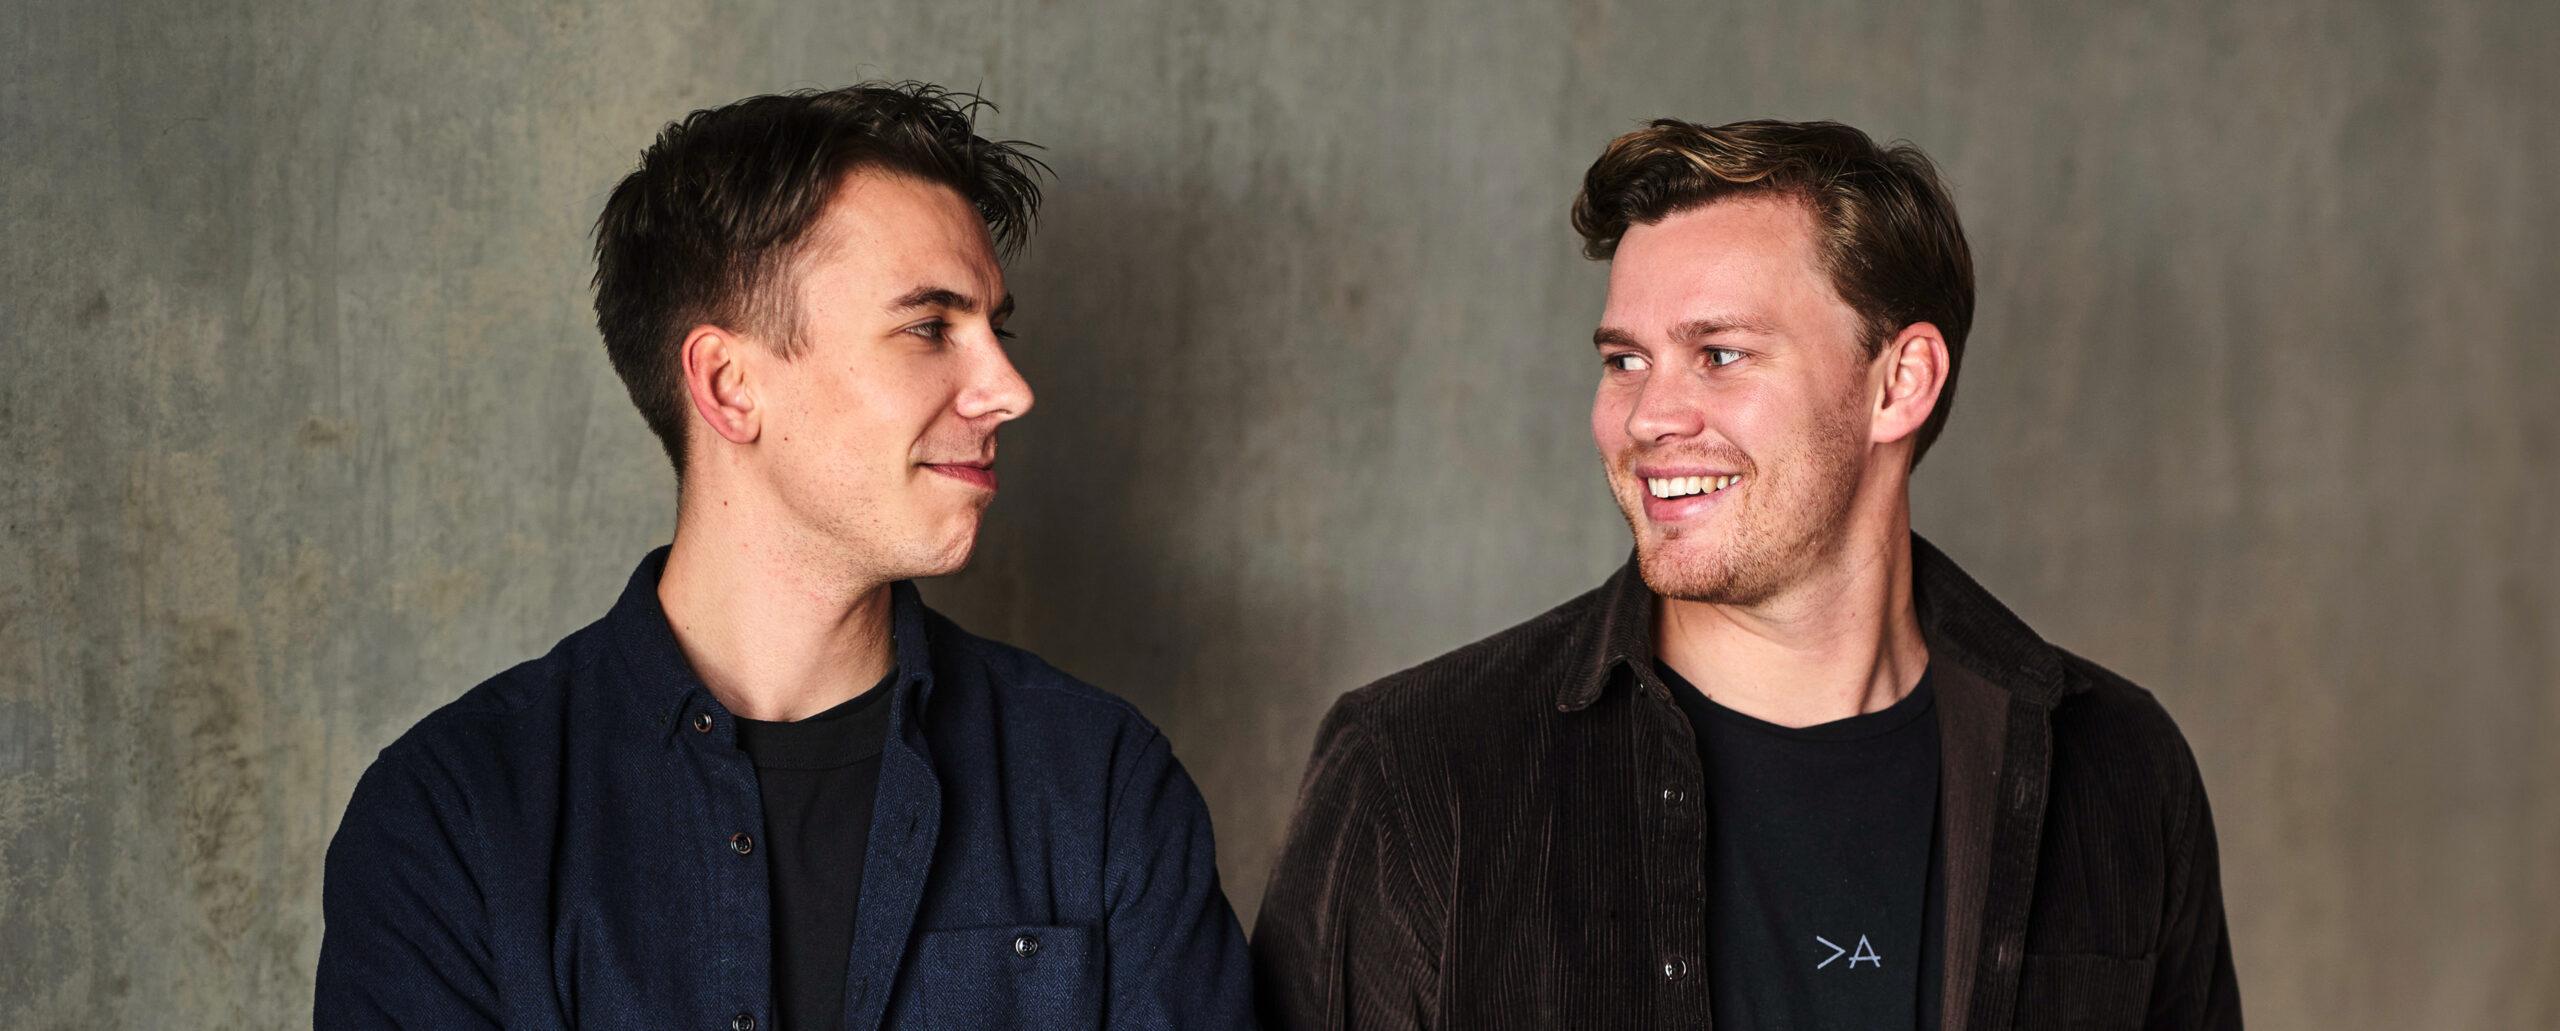 Slidedrain er en ung oppstartsbedrift med utskudd fra NTNUs Entreprenørskole. Stian Bongard er daglig leder og Henning Patricksson er produktansvarlig